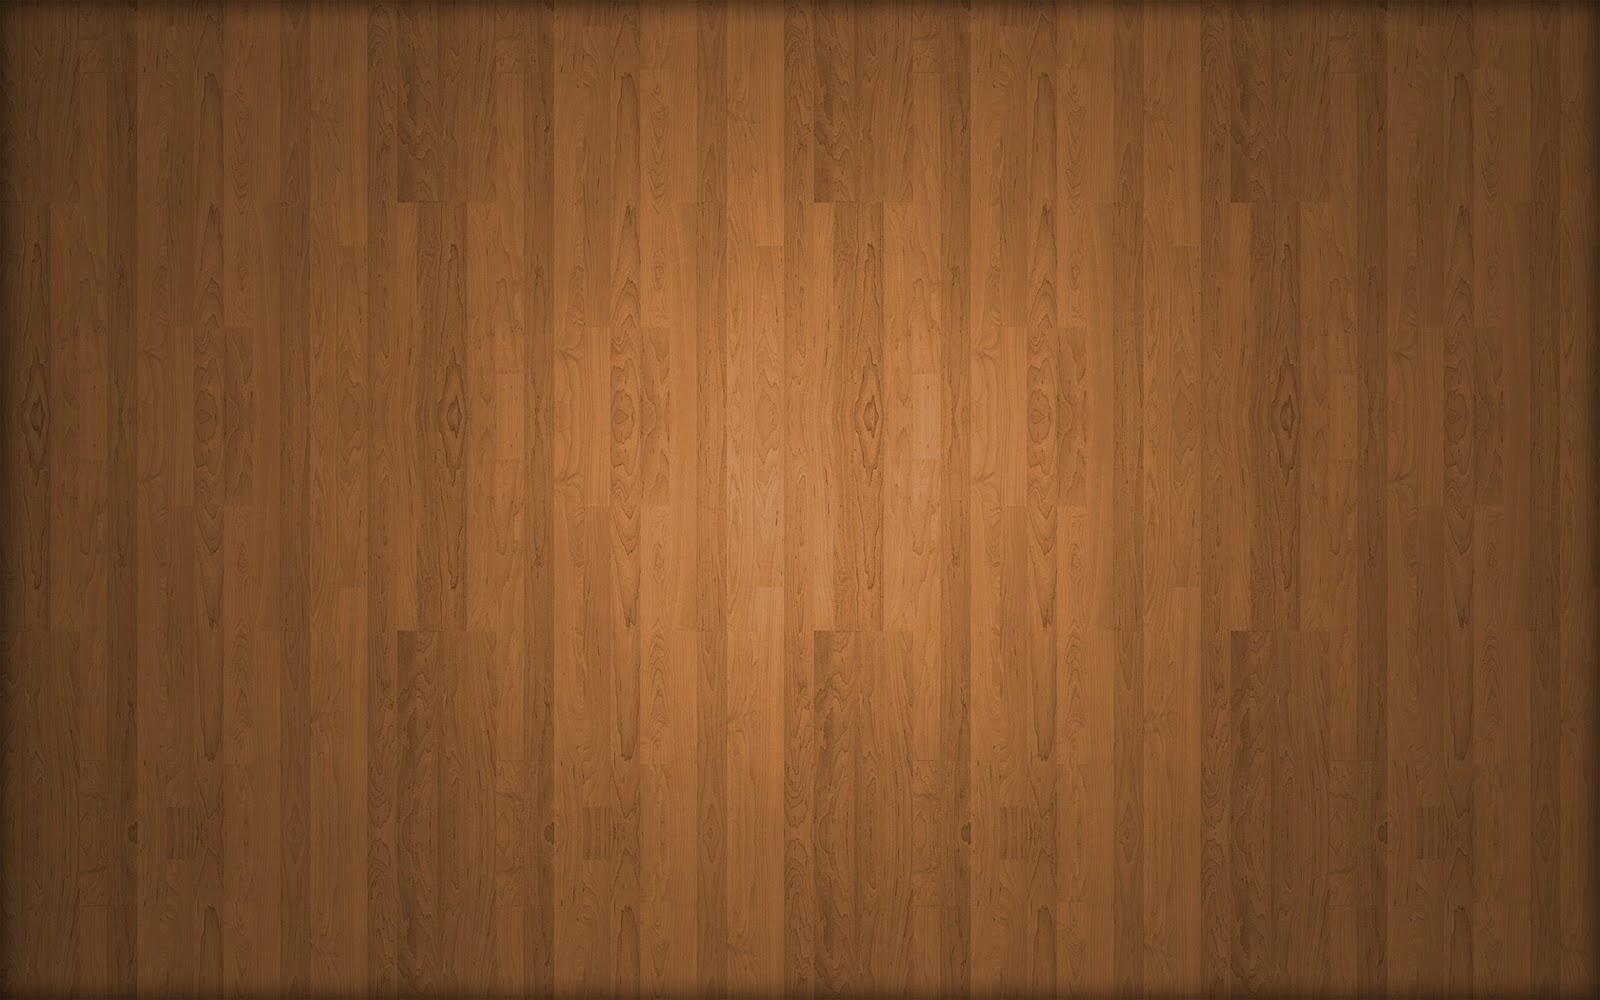 houten achtergronden hd -#main